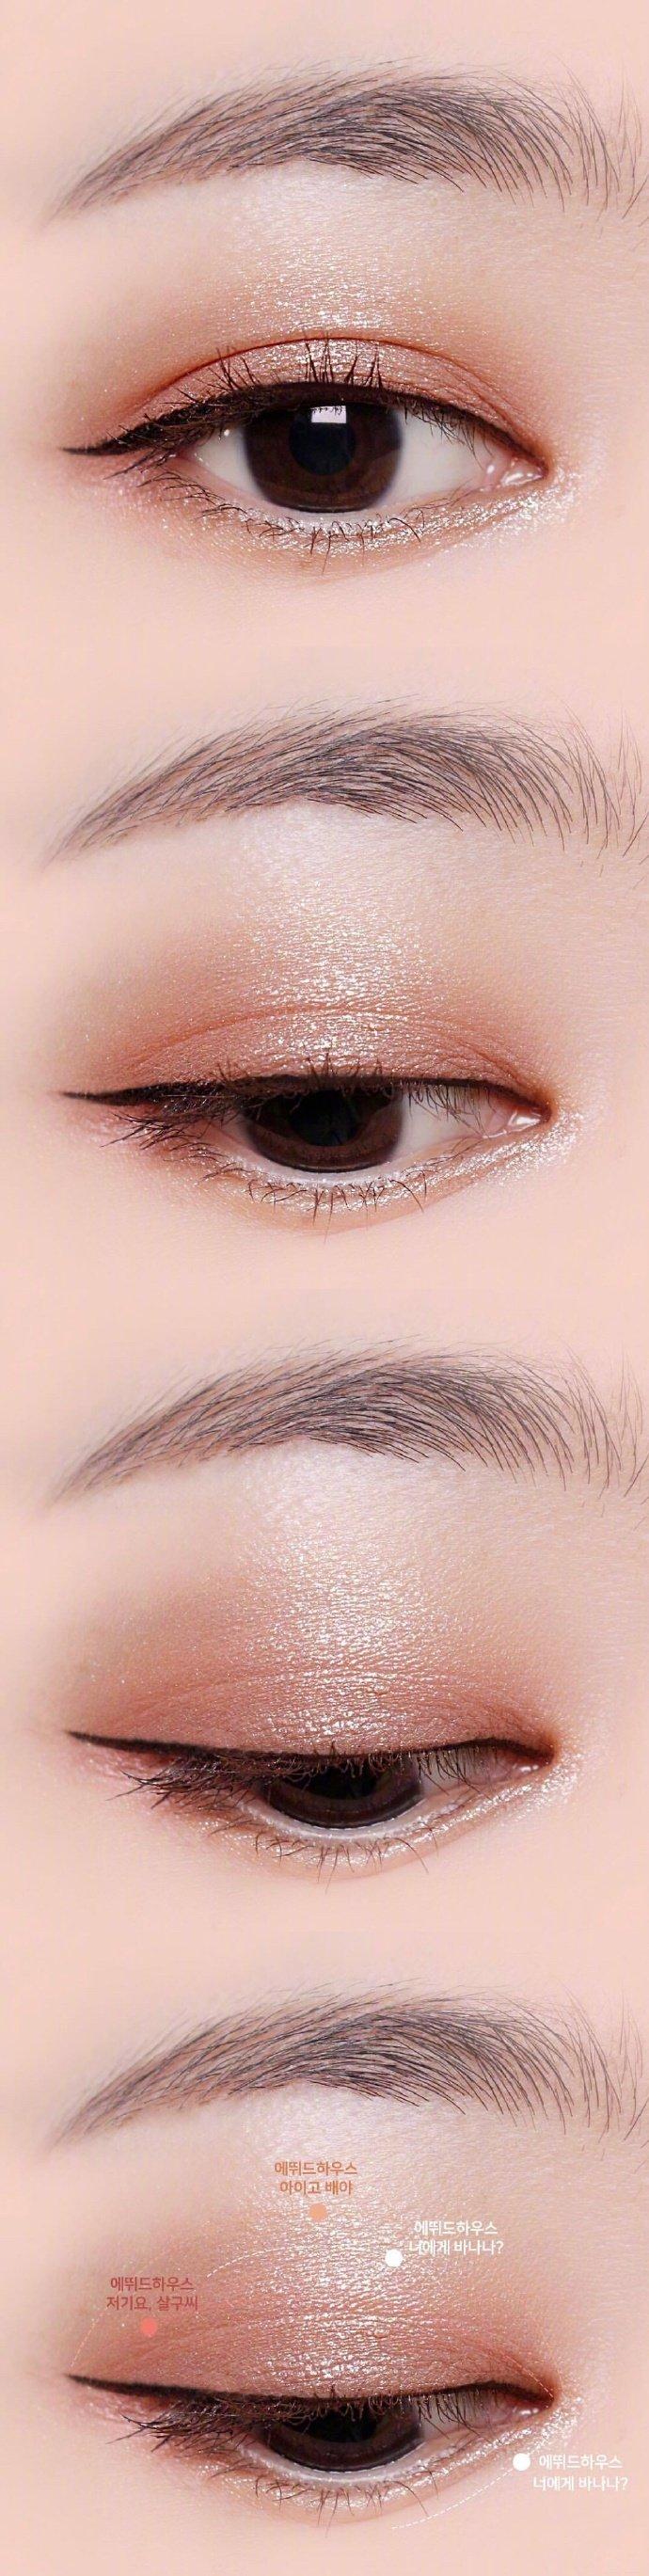 韩国欧尼教你如何画出干净的日常眼妆